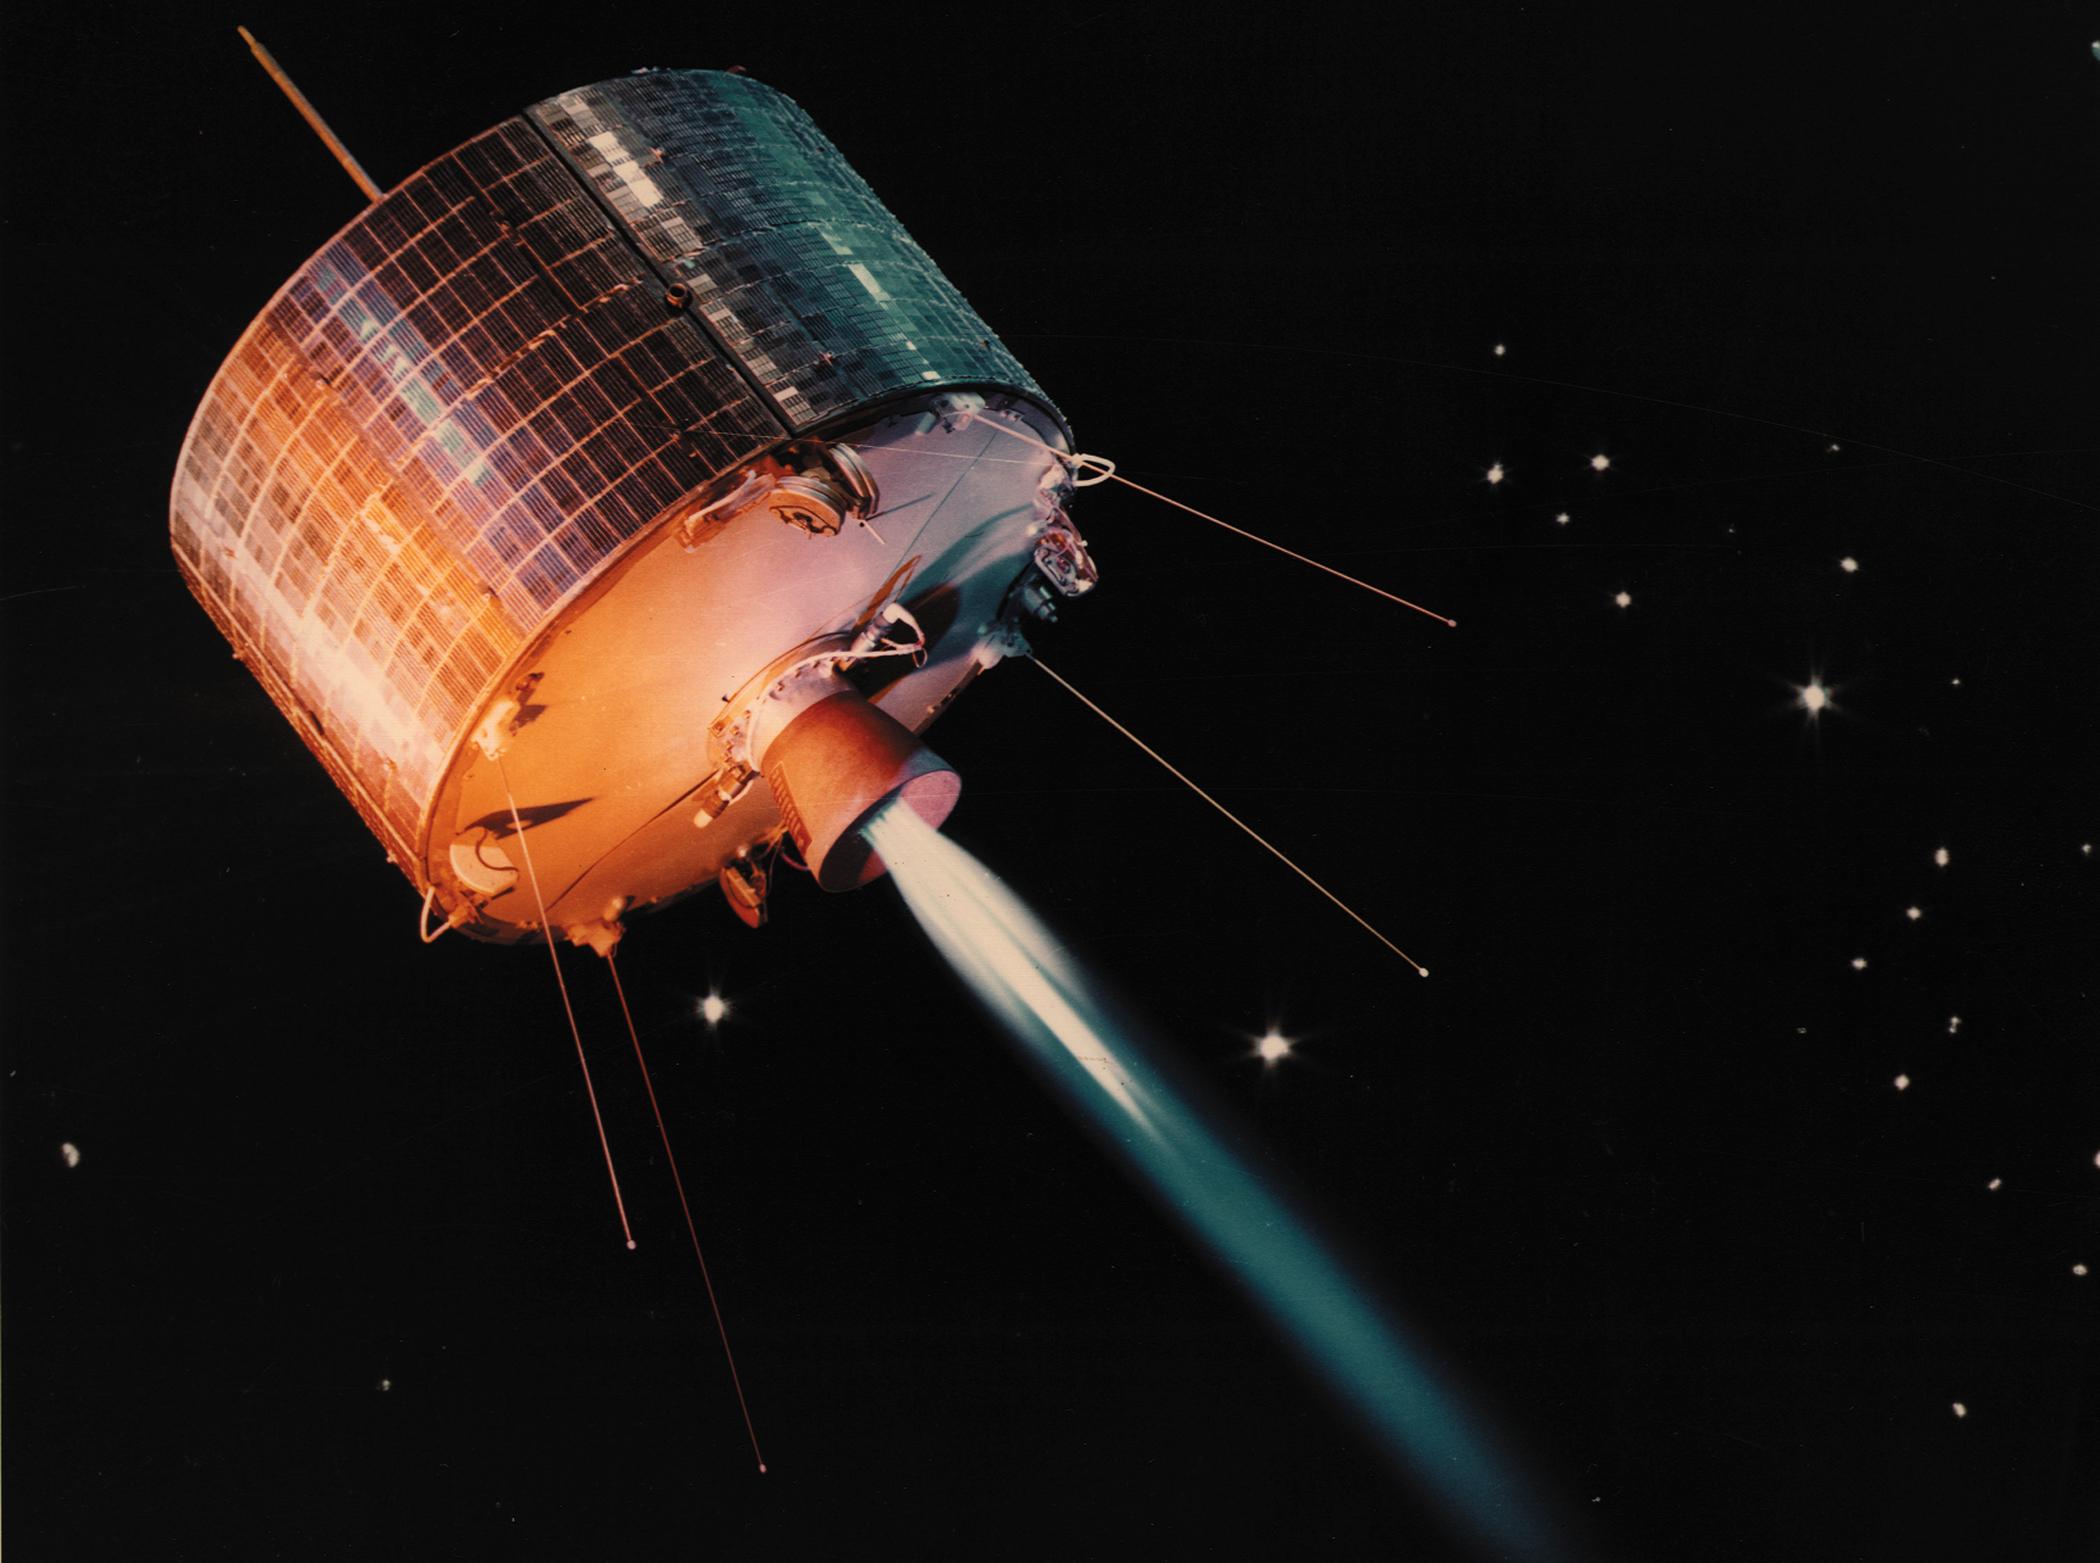 The First Geosynchronous Satellite | NASA